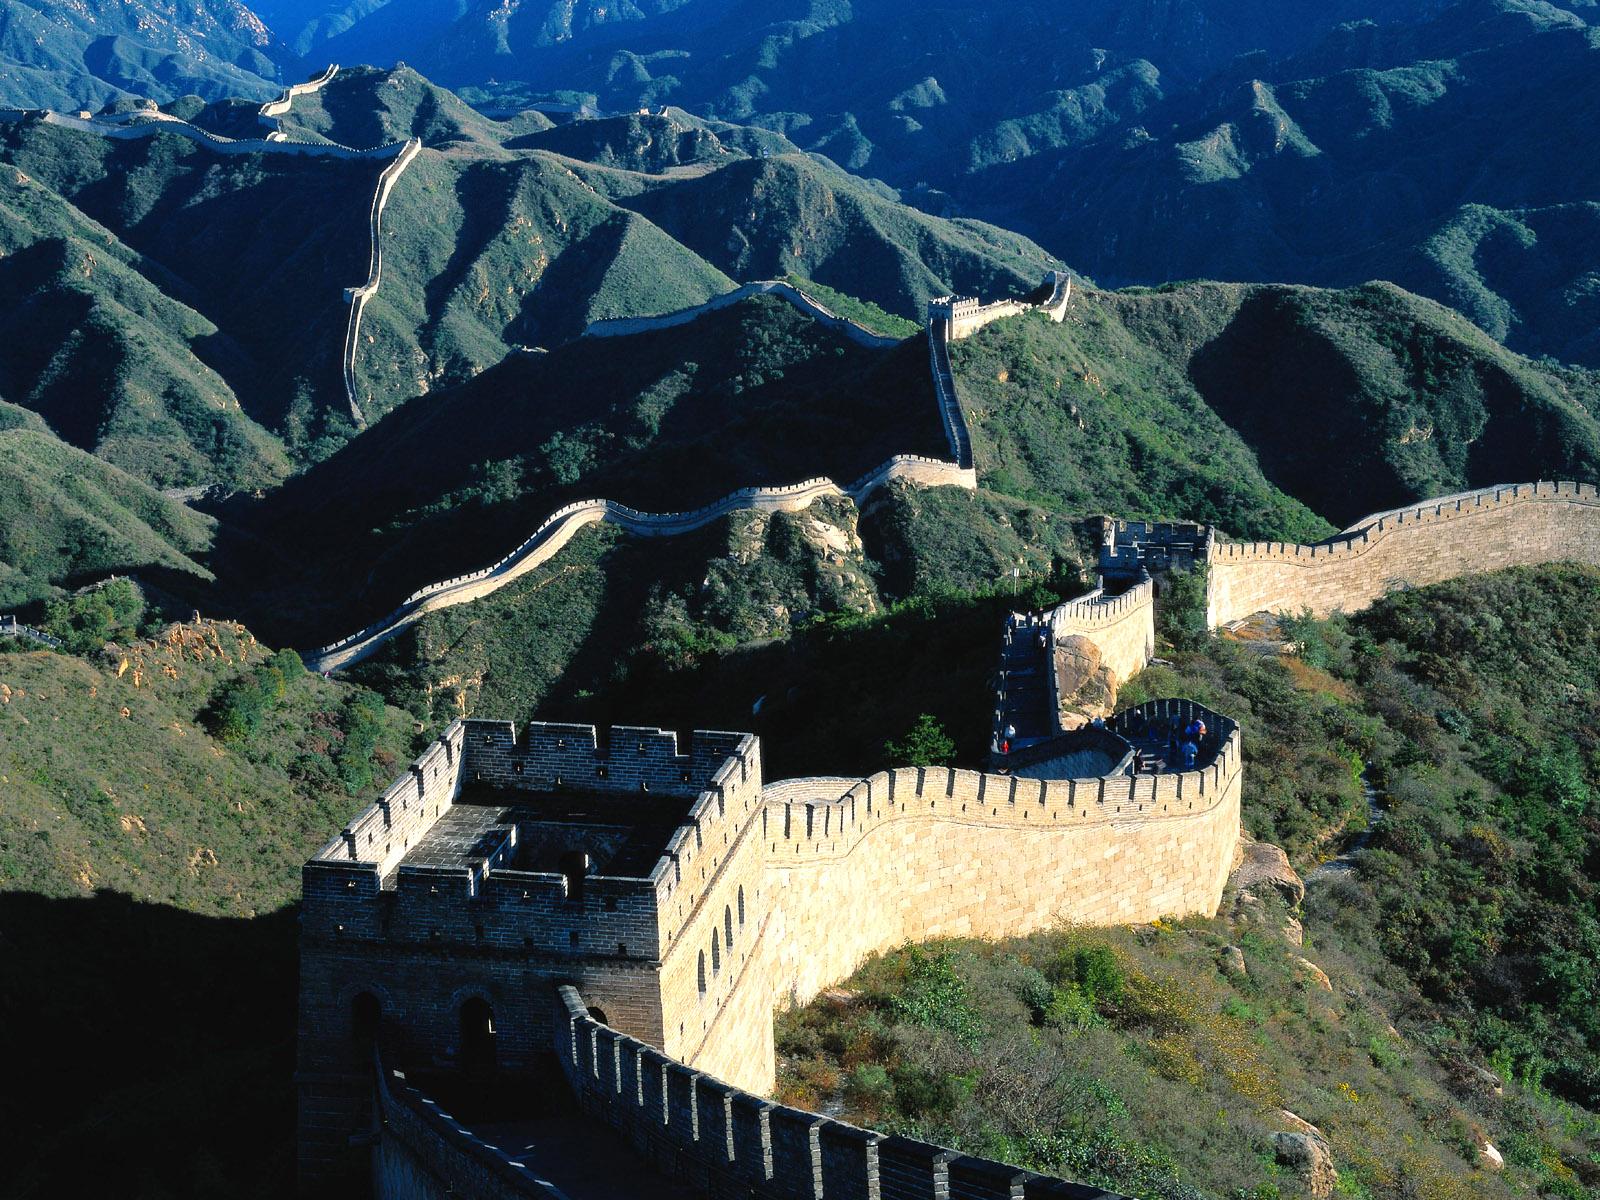 http://3.bp.blogspot.com/_tCDMn4HPxqQ/S--fSl3j45I/AAAAAAAAABc/nG-eZ7Anwdo/s1600/Great+Wall+%2811%29.jpg